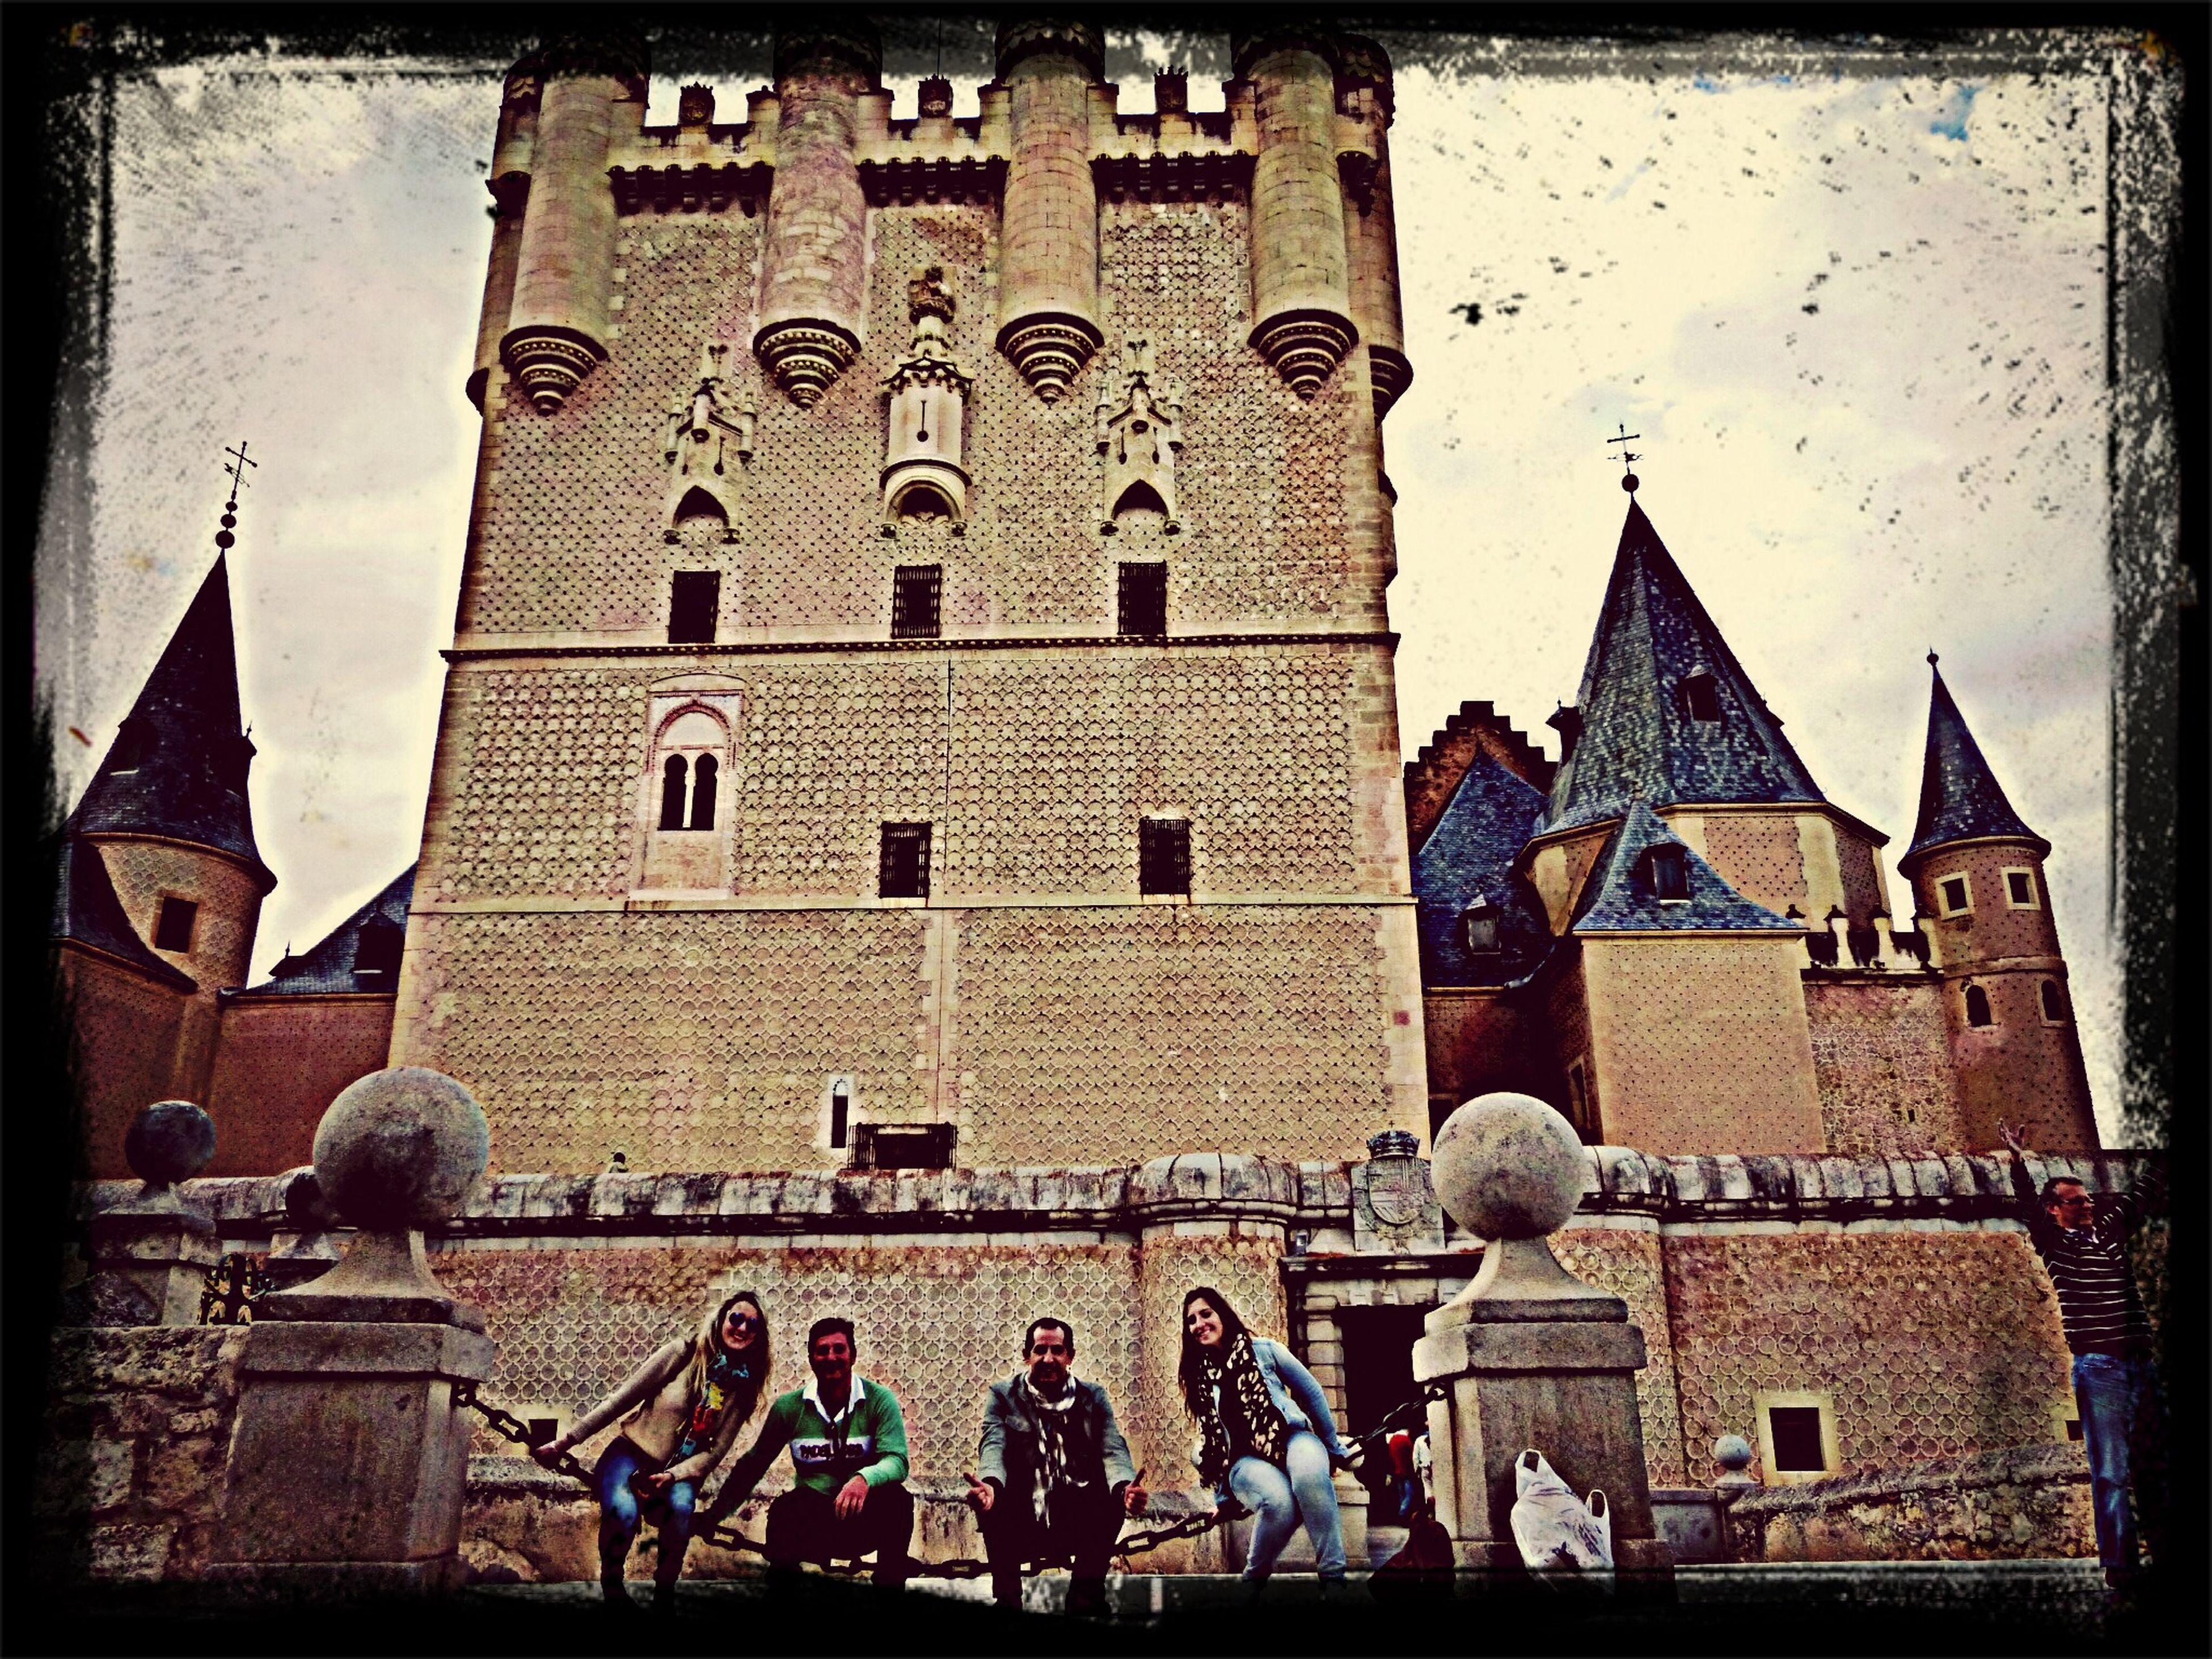 Con los mejores amigos en la entrada al Alcazar de Segovia Taking Photos Enjoying Life Travel Best Friends